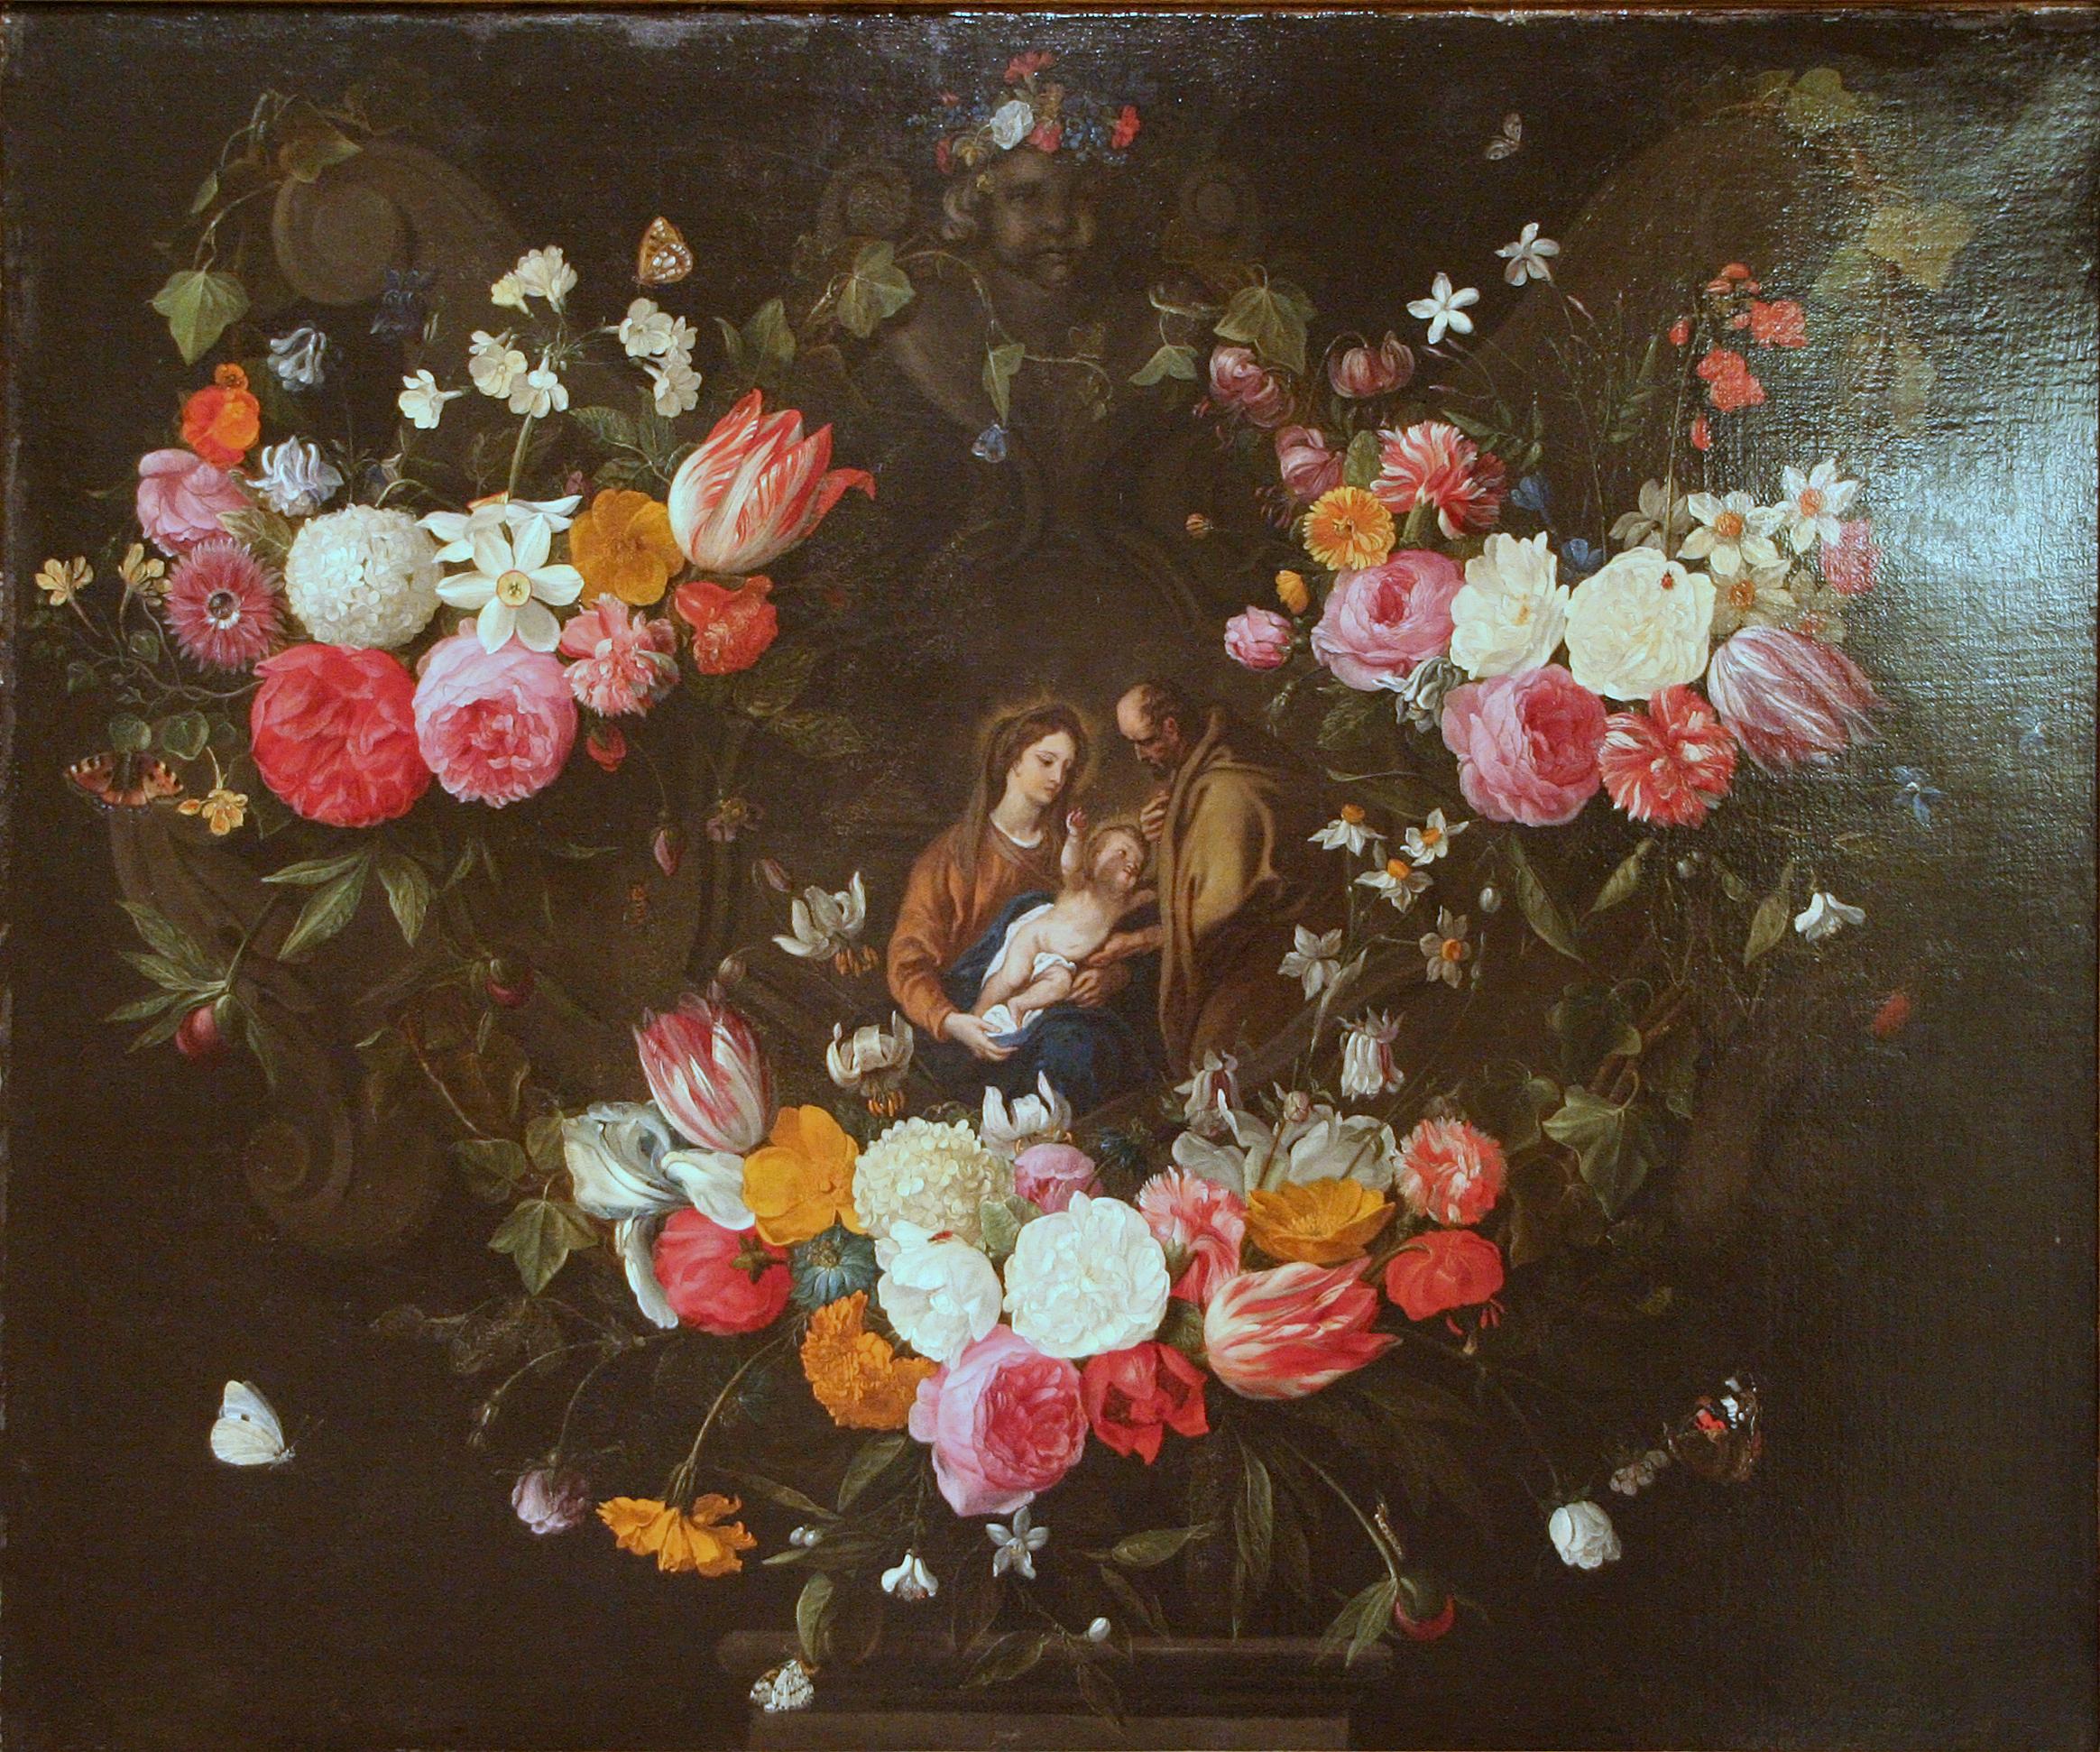 File jan van kessel i guirlande de fleurs avec la sainte famille jpg wi - Guirlandes de fleurs ...